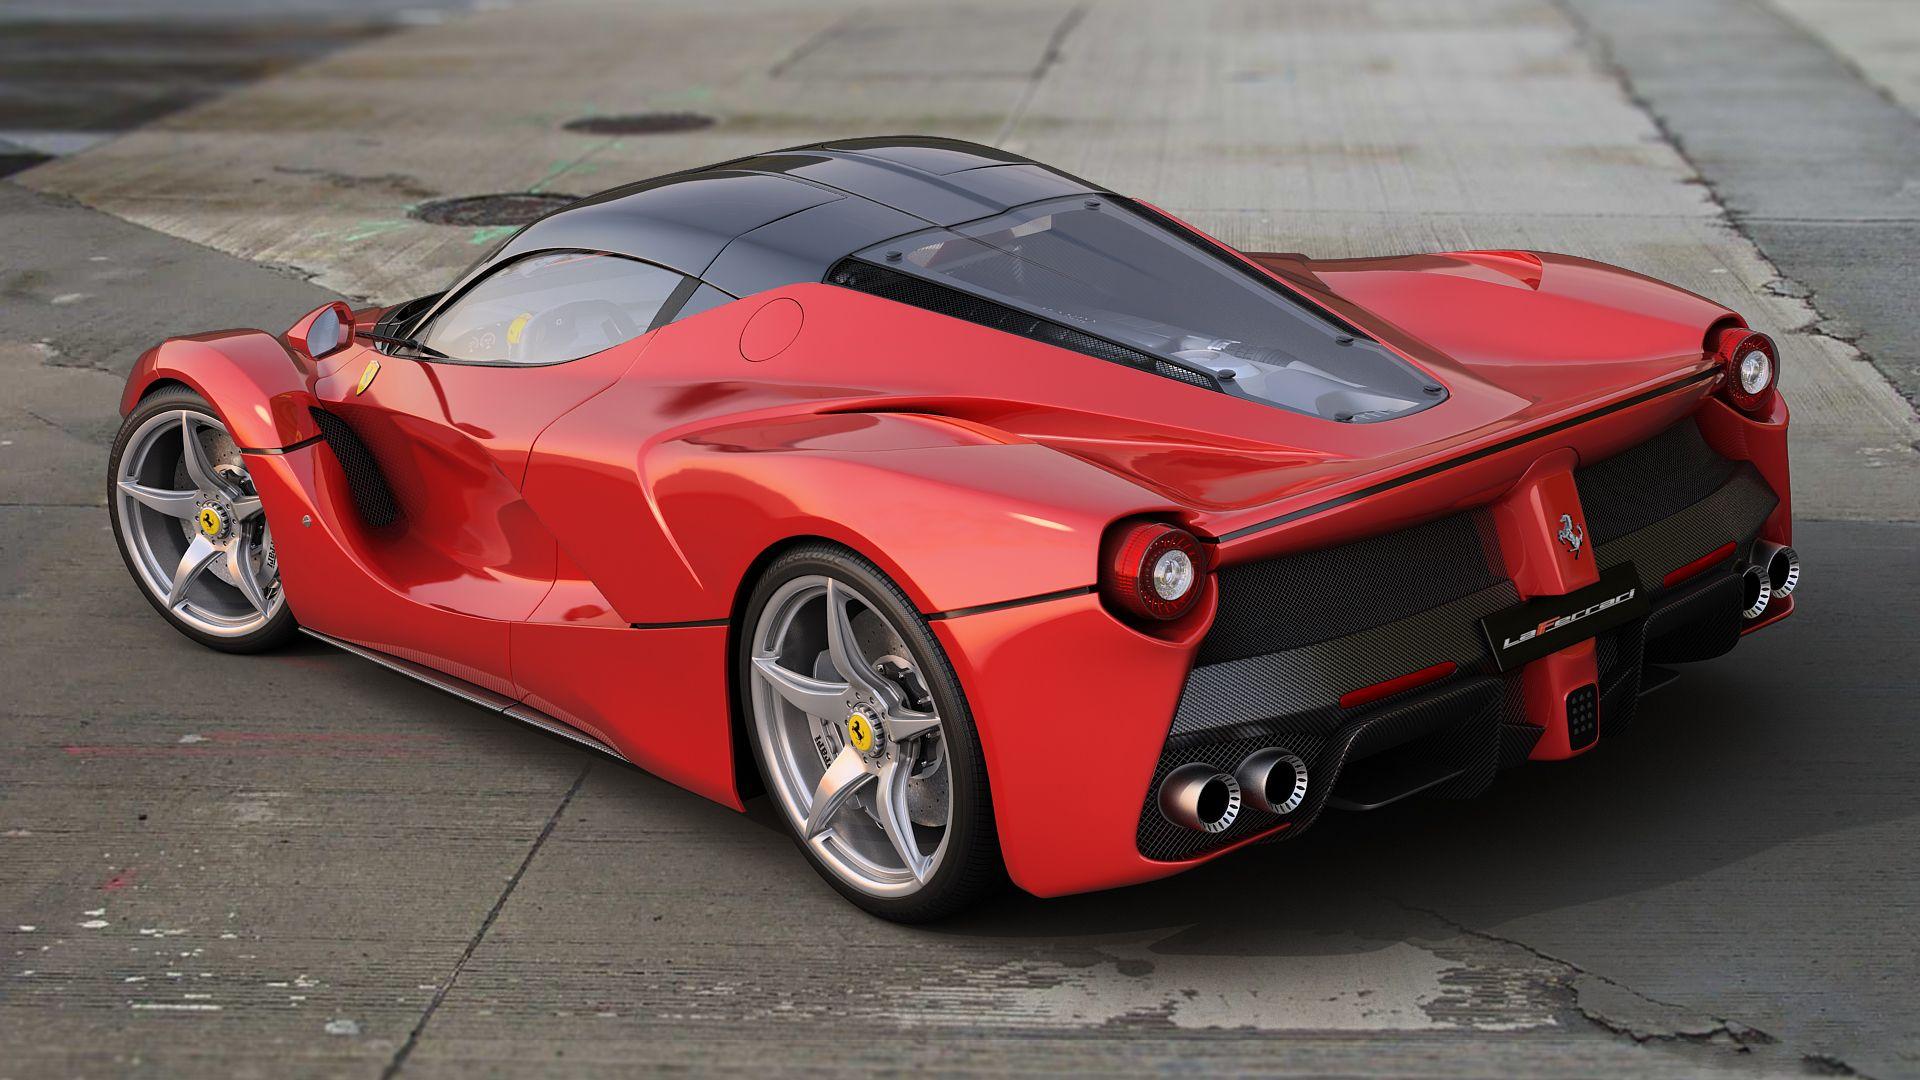 Delightful La Ferrari